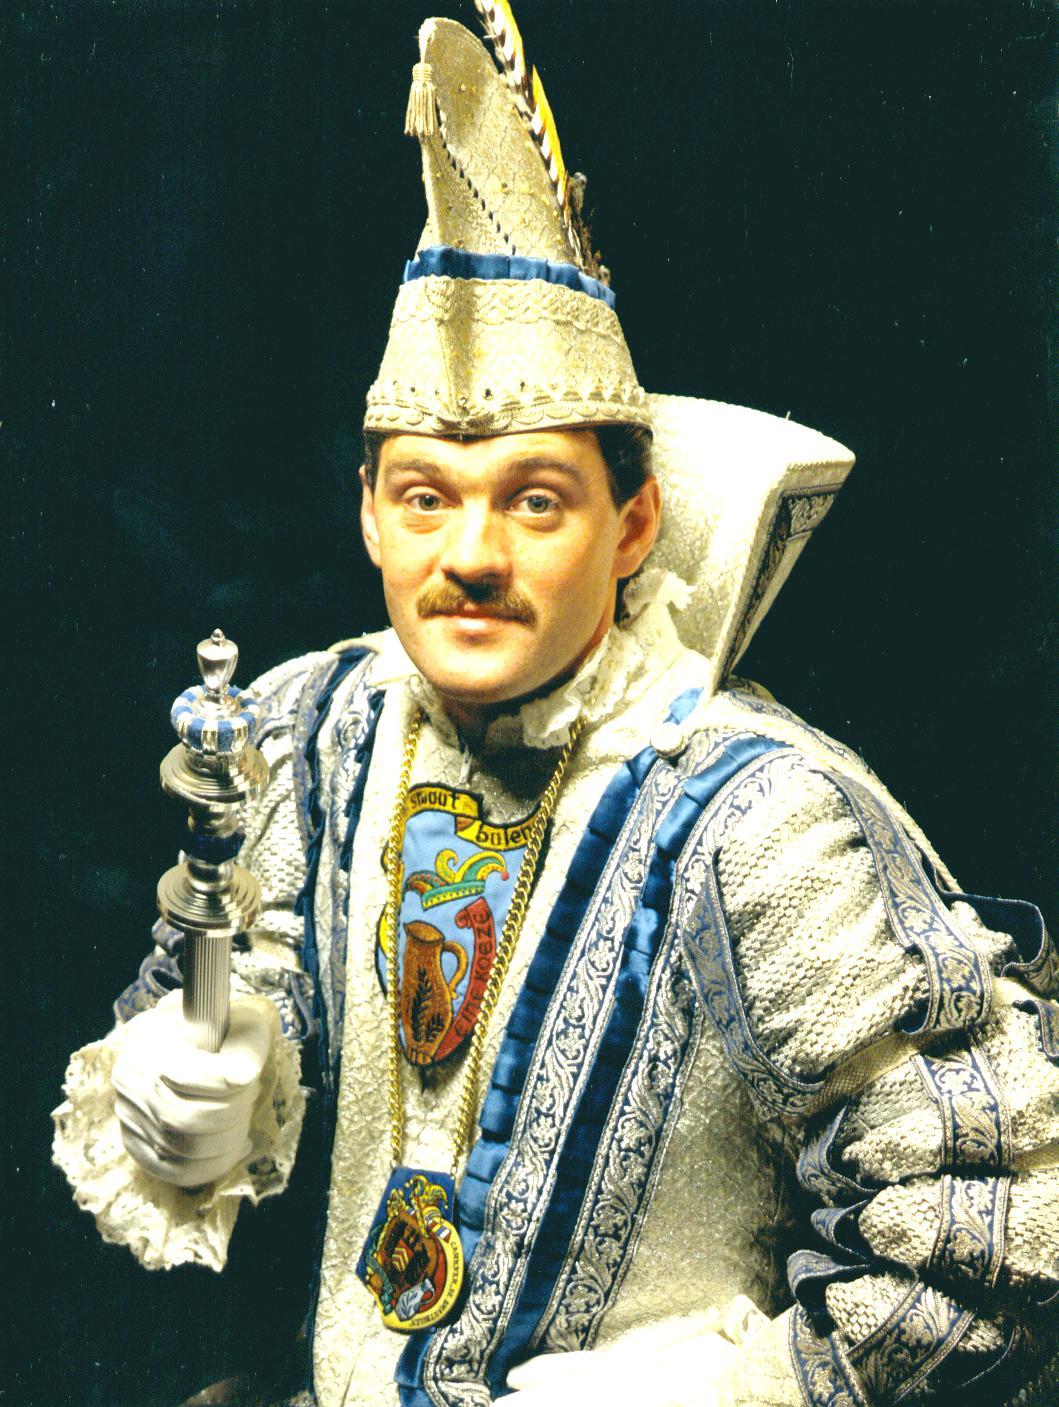 1989 Prins Jos (III) Meerts